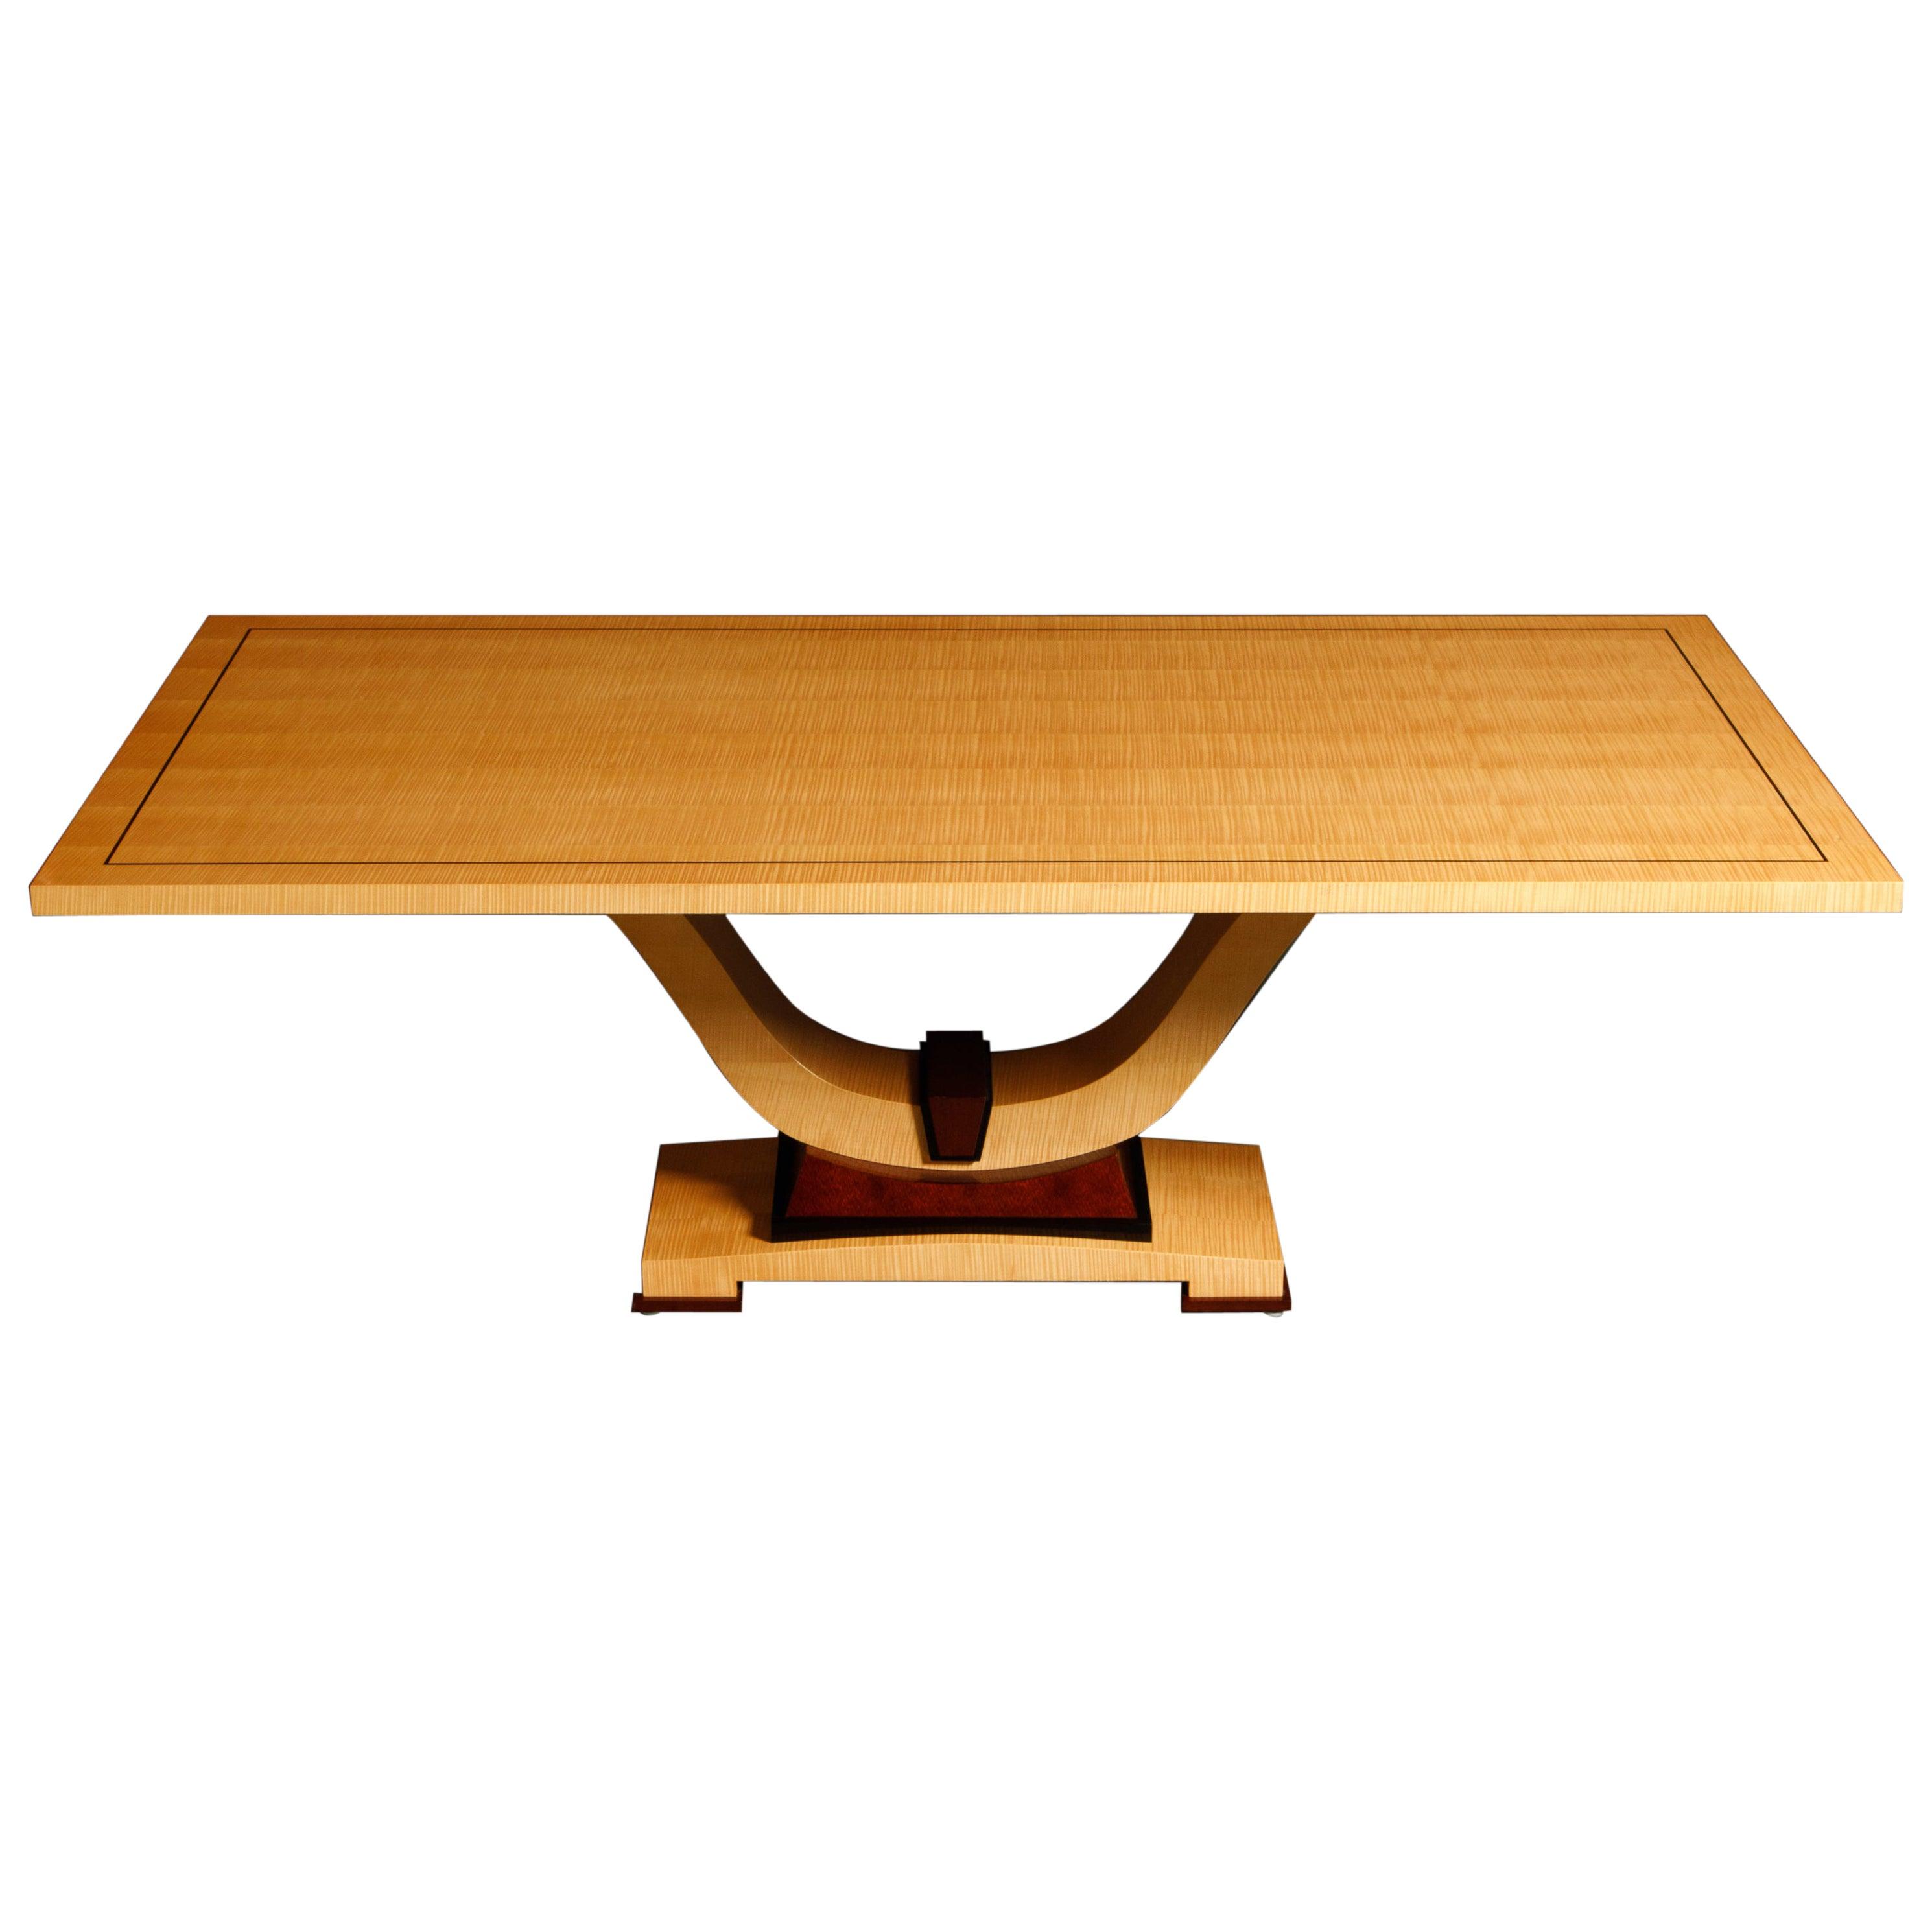 Dakota Jackson Exotic Wood Art Deco Styled Dining Table